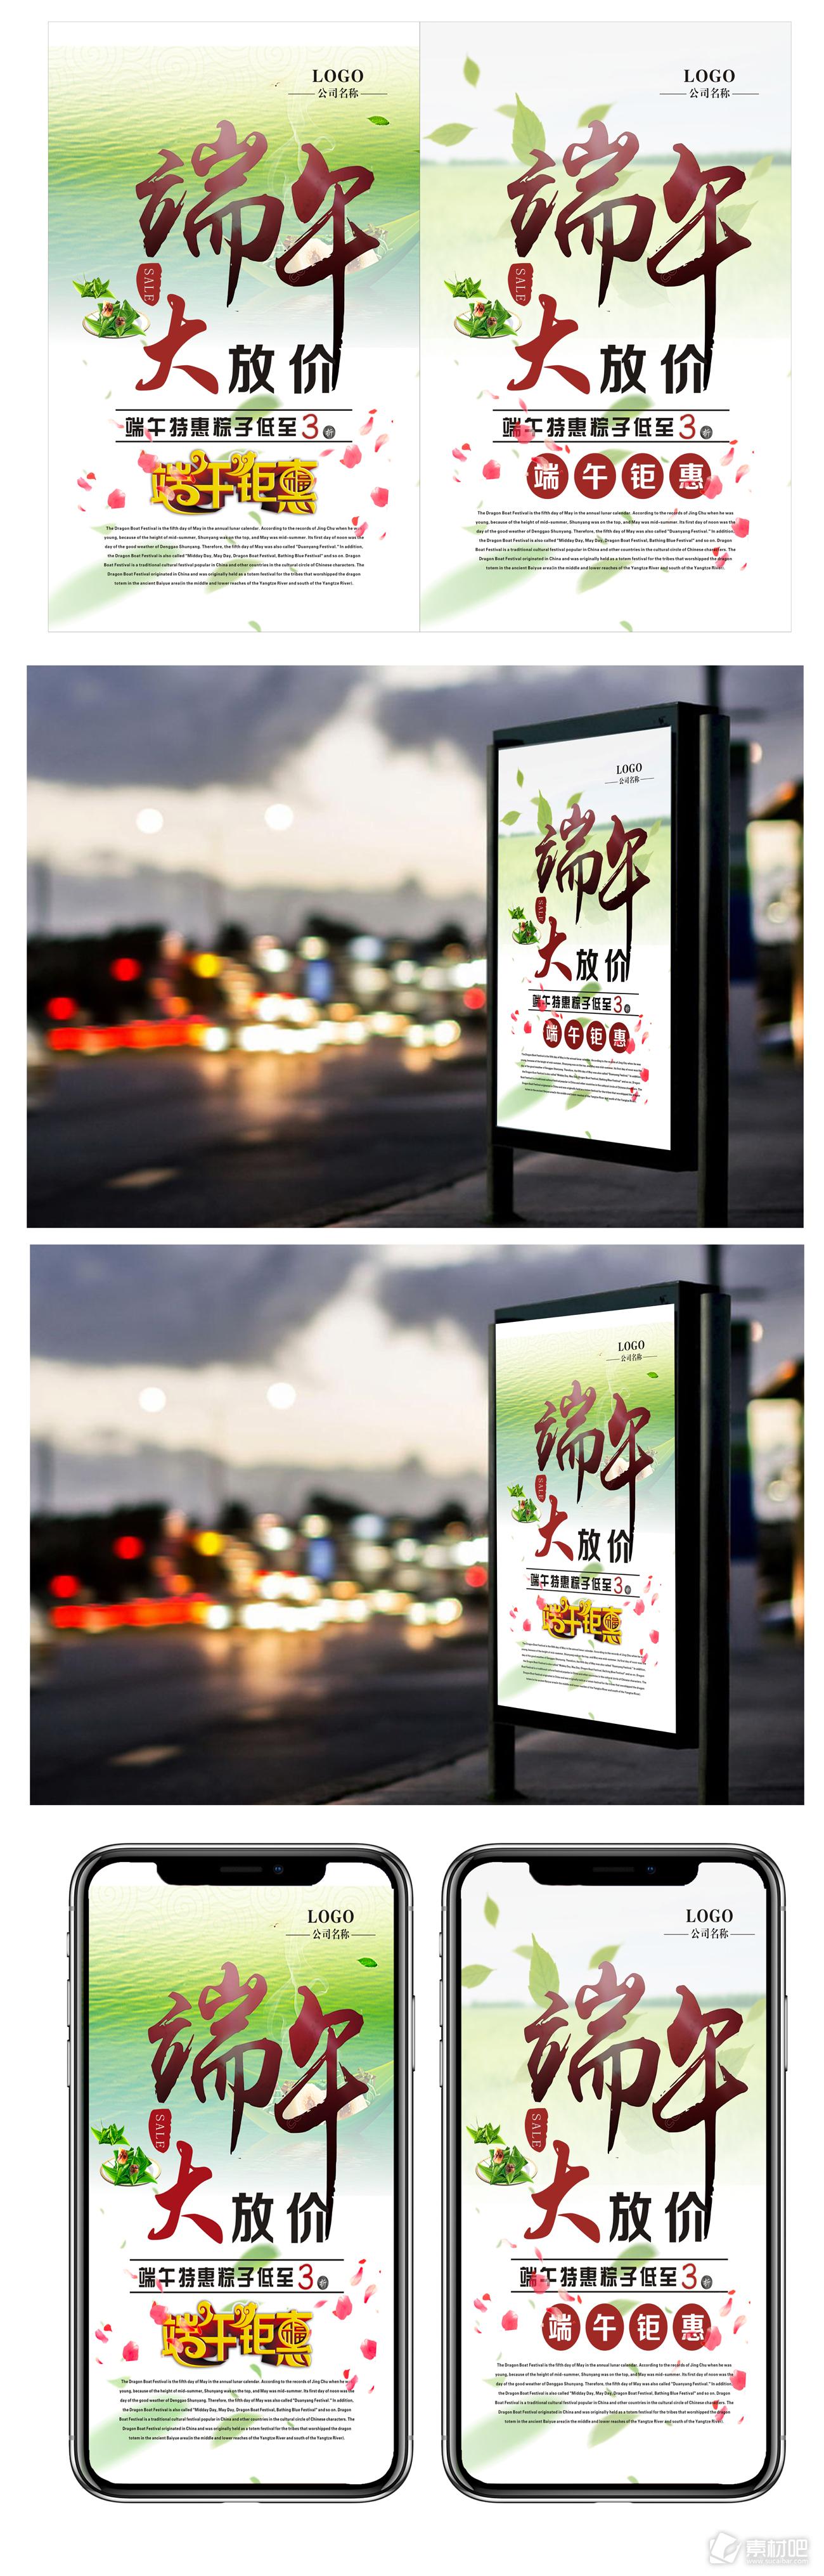 端午节节日宣传展板海报